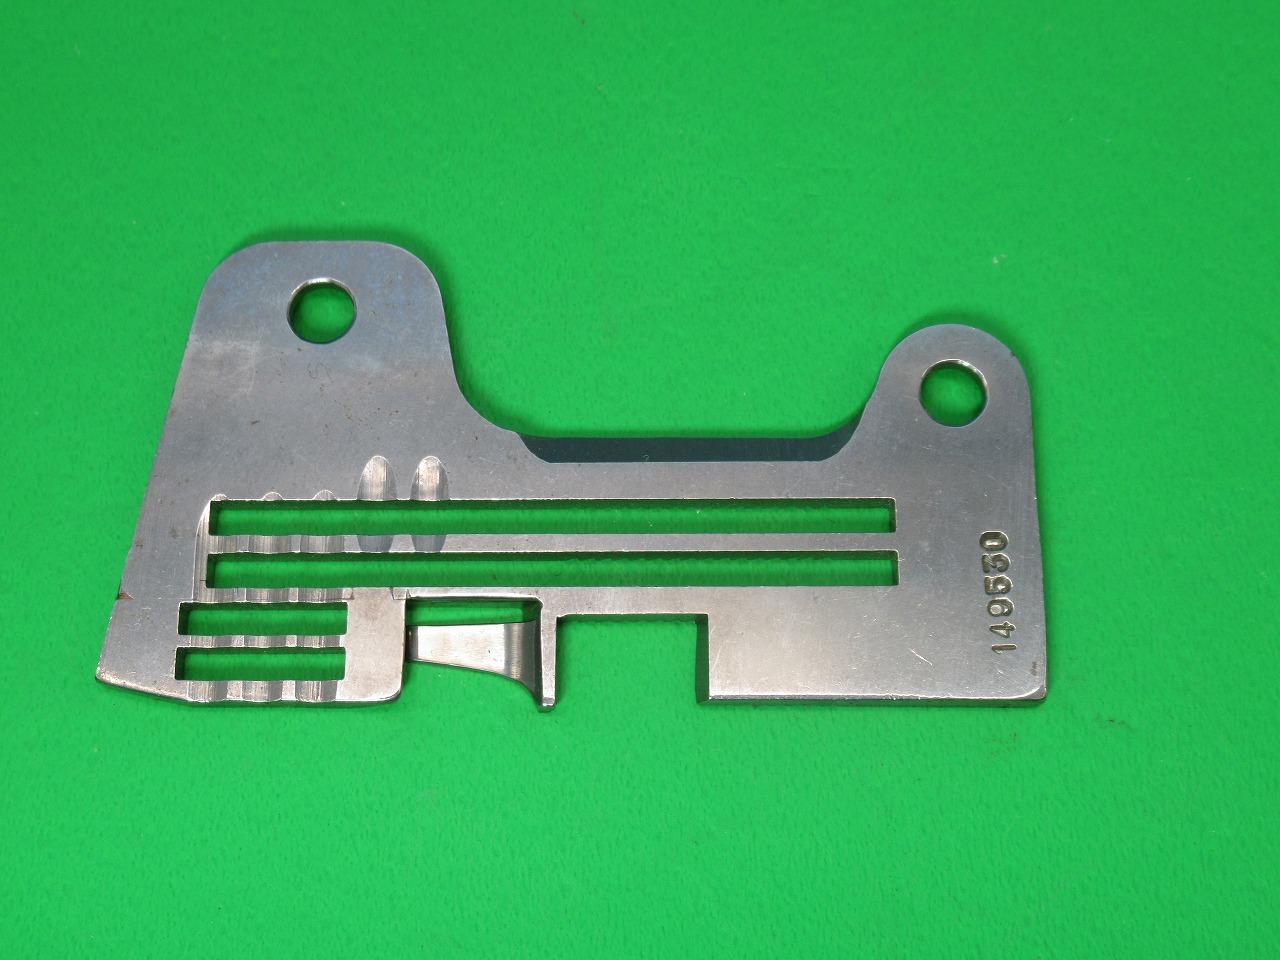 爆買いセール 新品 まとめ買い特価 純正品 日本製 パーツNO:149530-001 針板 ブラザー